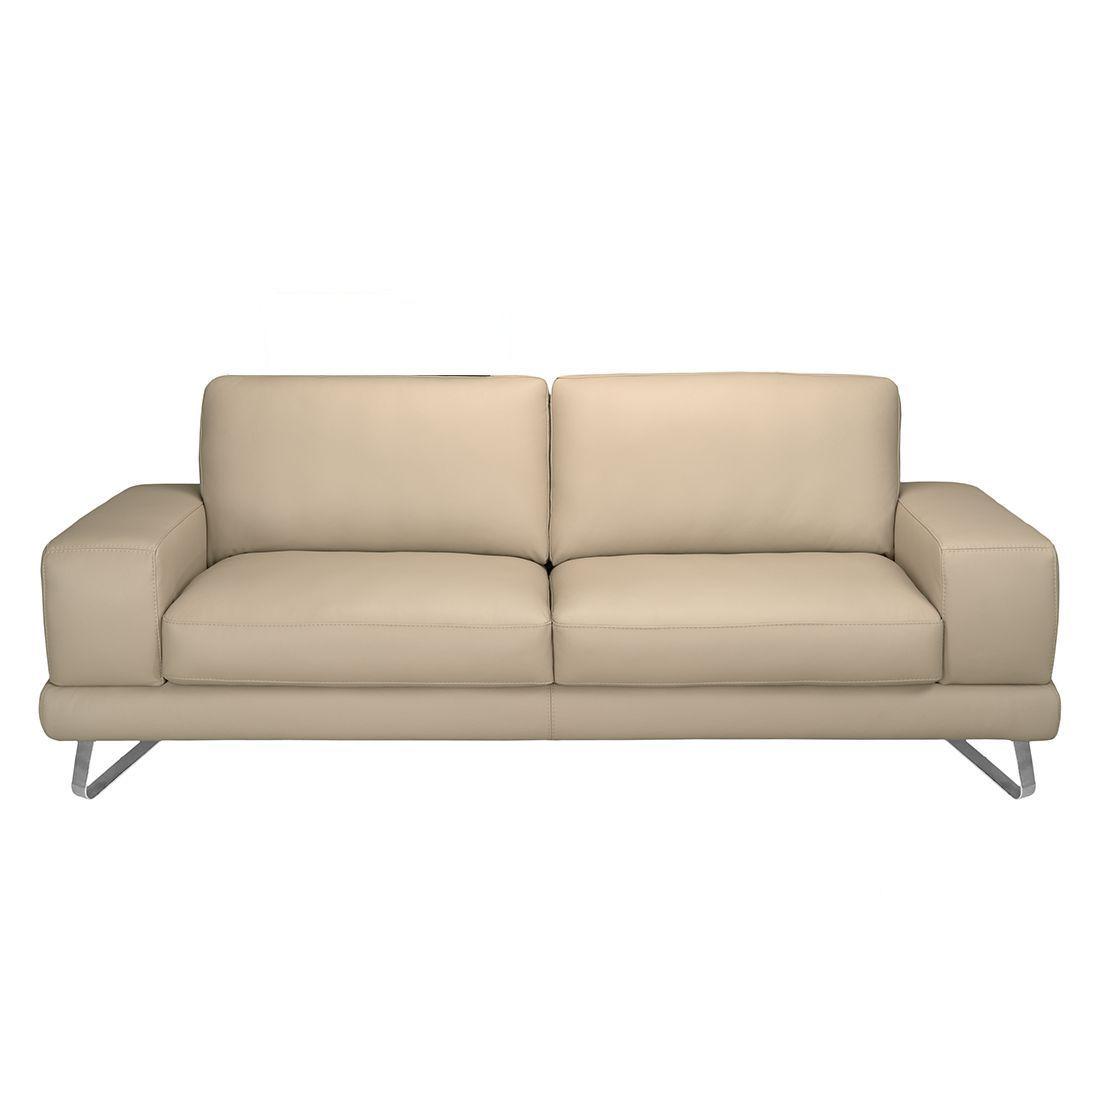 Sofa Bradley 3 Sitzer Echtleder Beige Sofa Mit Relaxfunktion Couch Mit Schlaffunktion Sofas